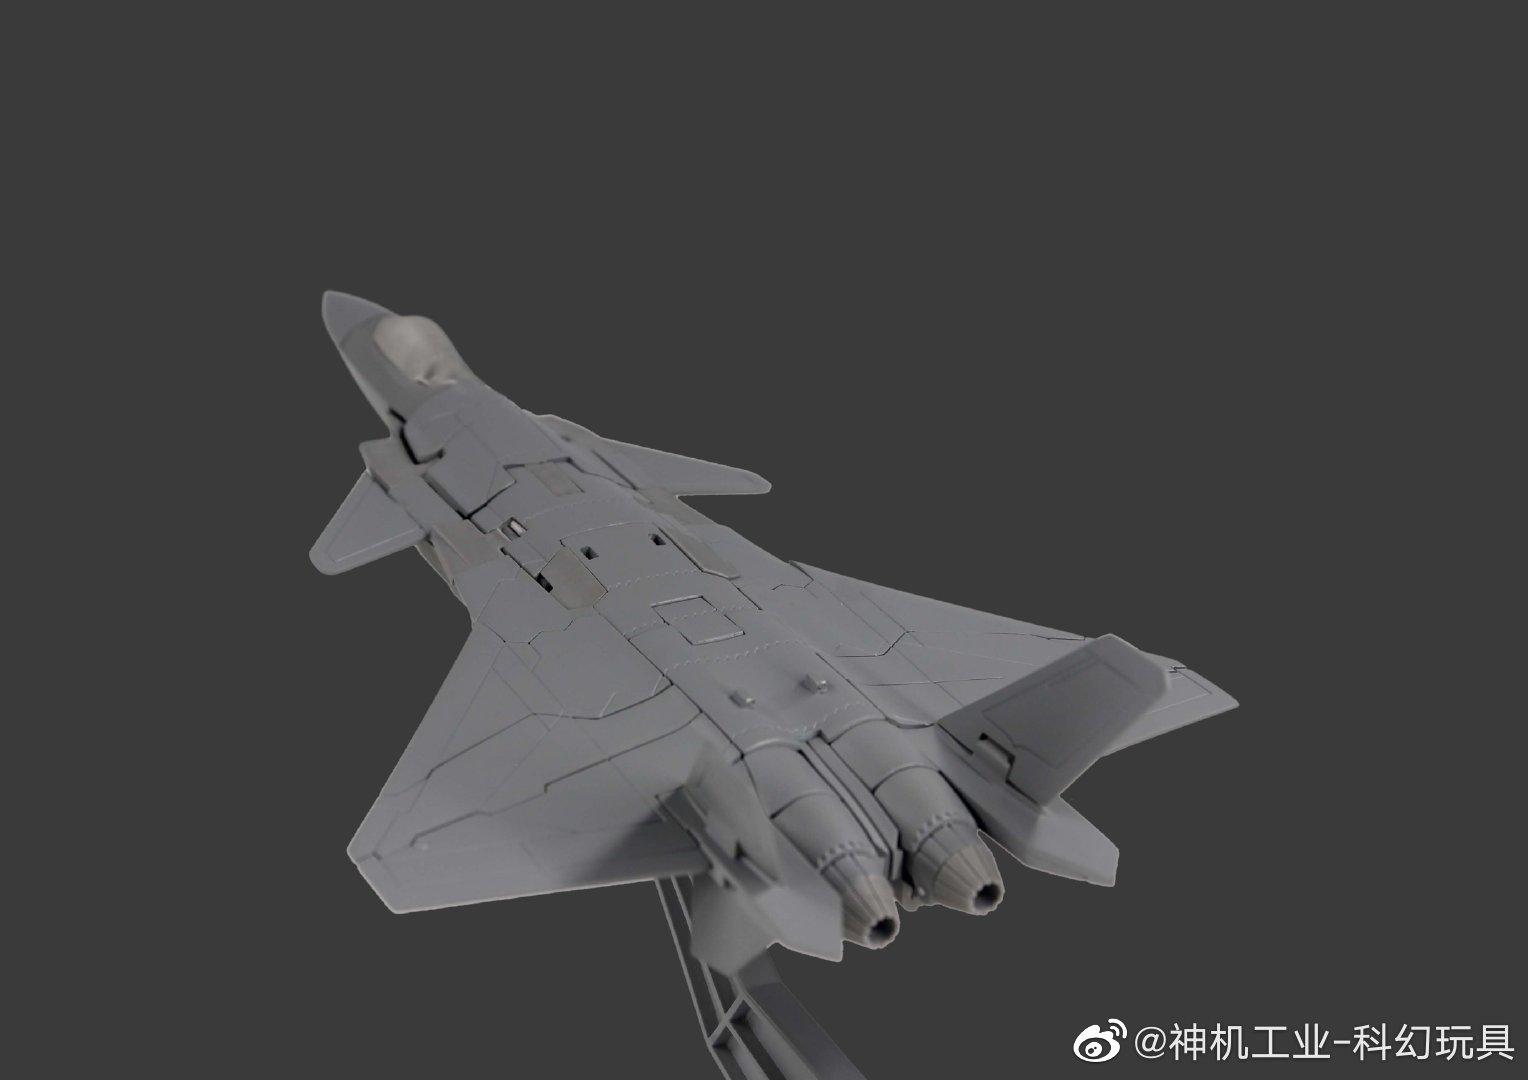 """国内厂商神机工业推出""""歼20""""可变形模型""""黑闪"""" 售价899元"""